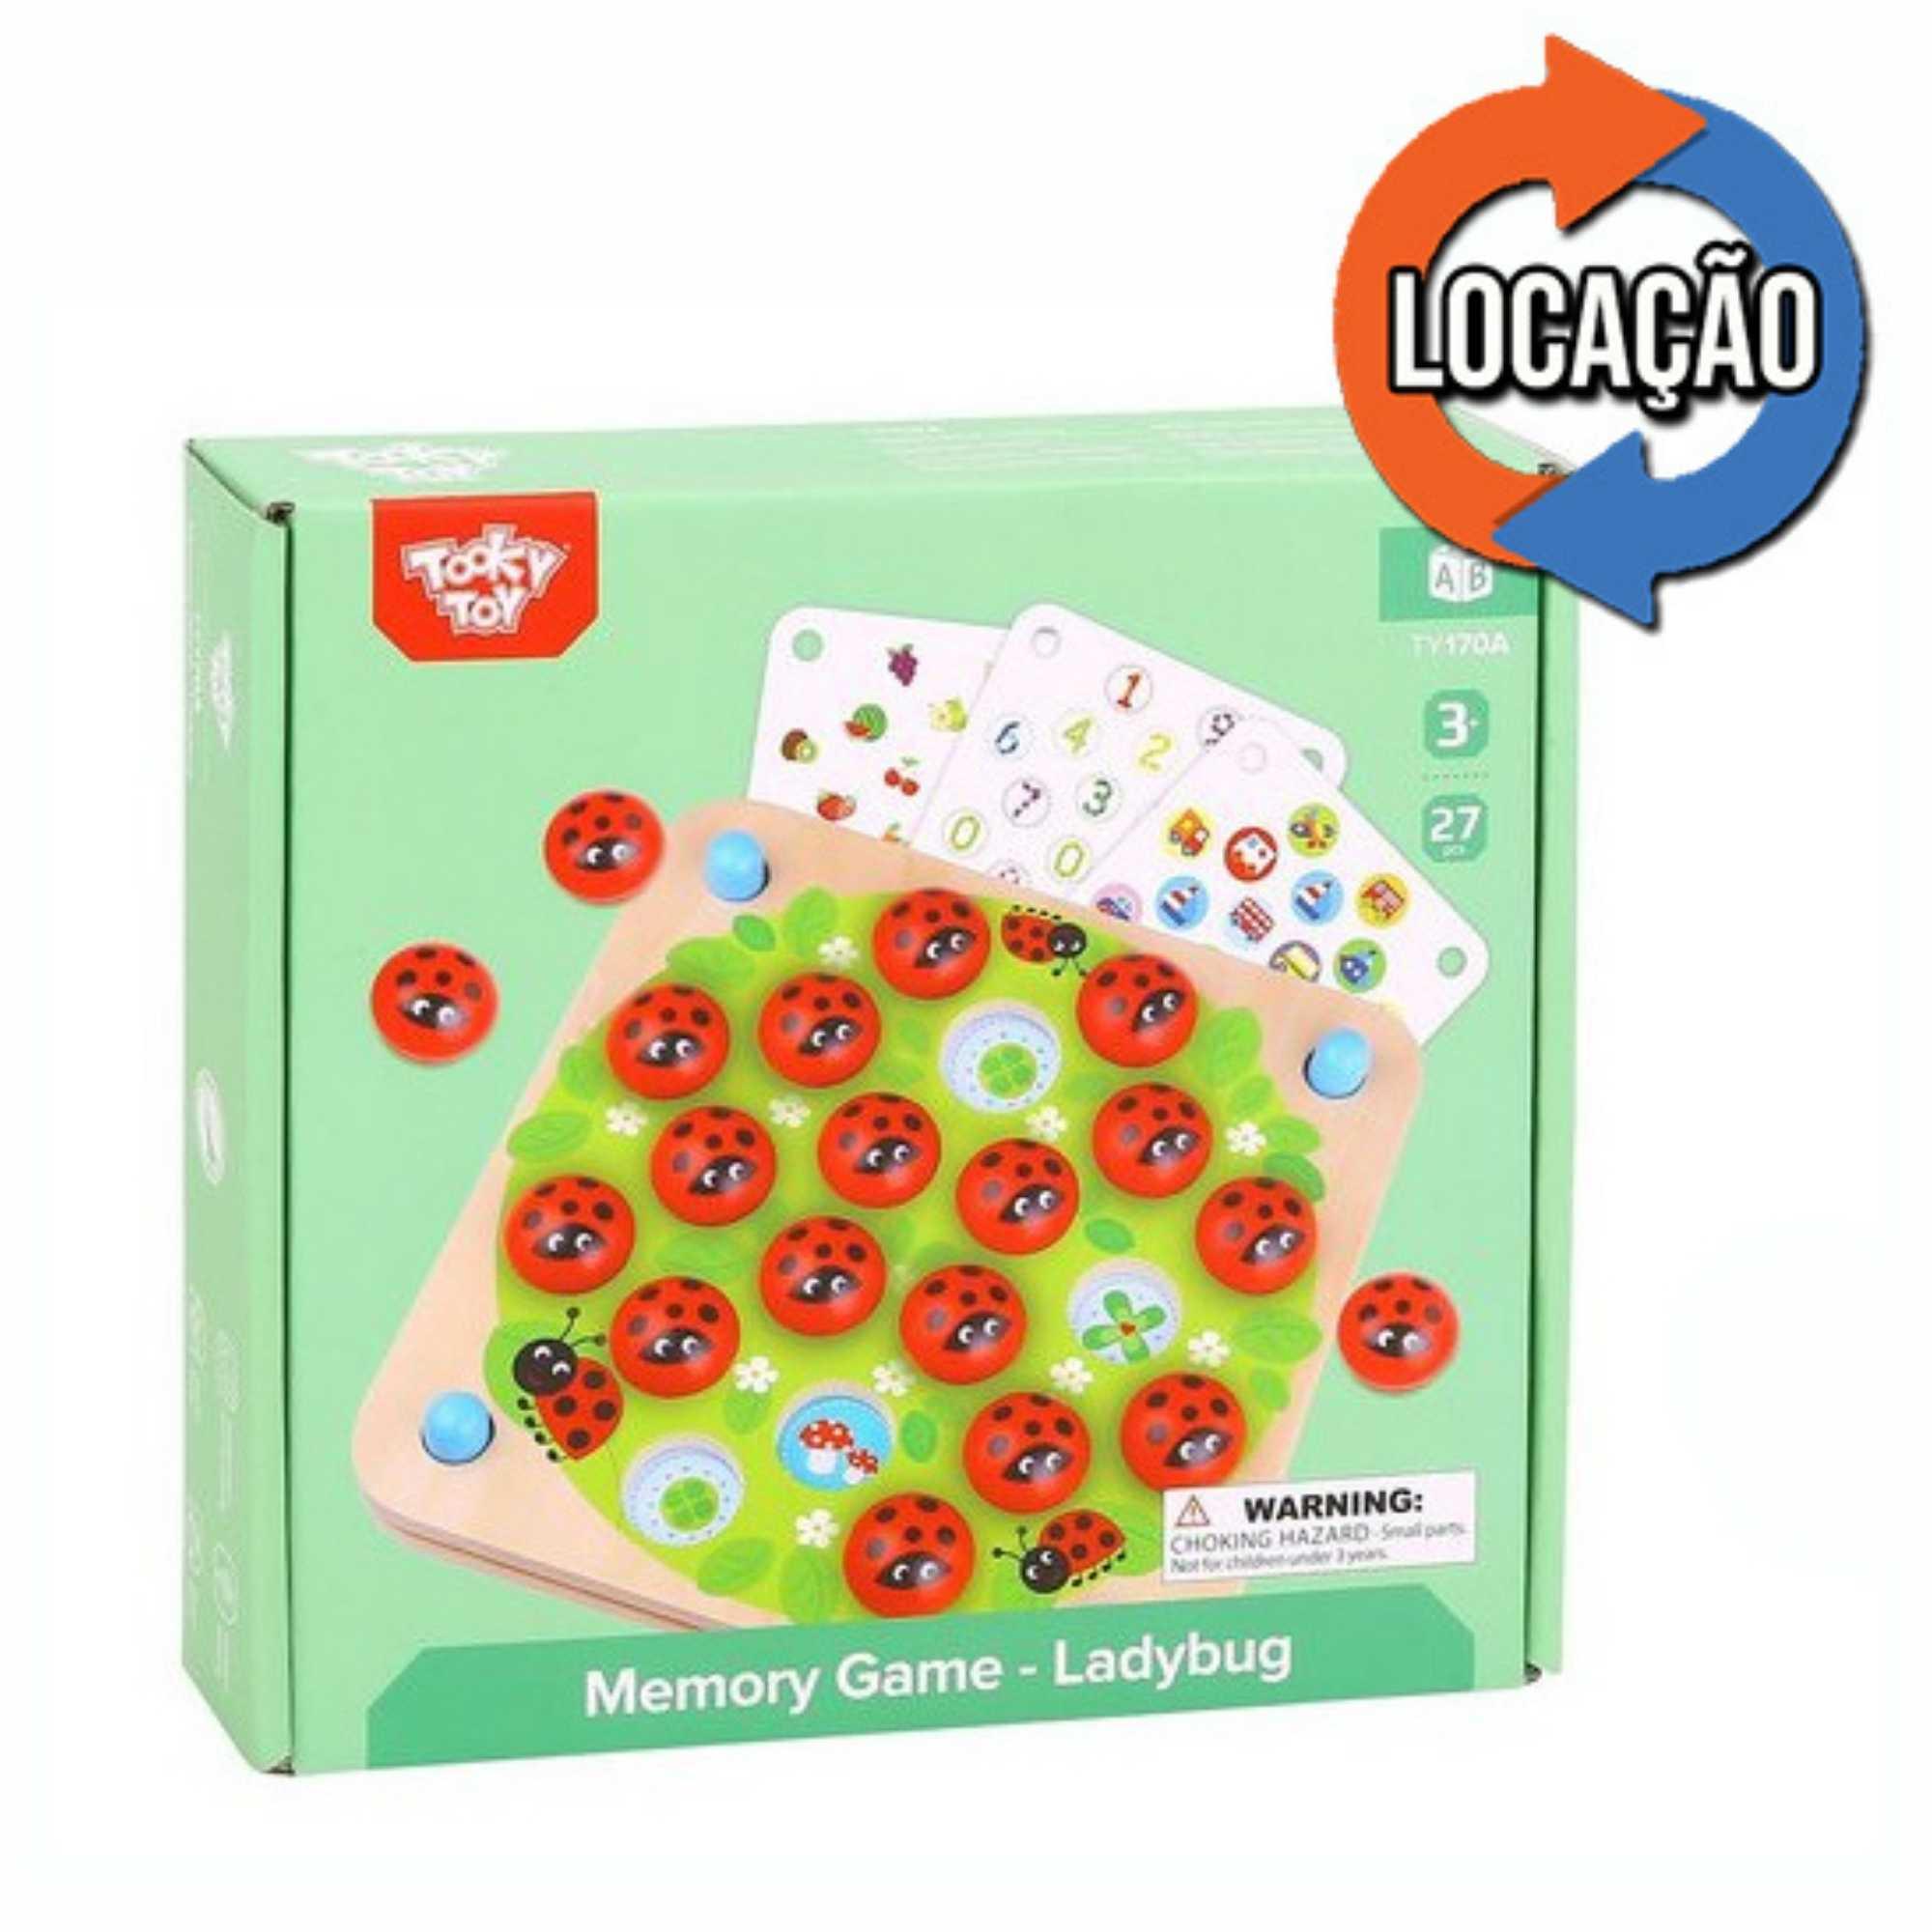 Memory Game Ladybug - Tooky Toy (Locação)